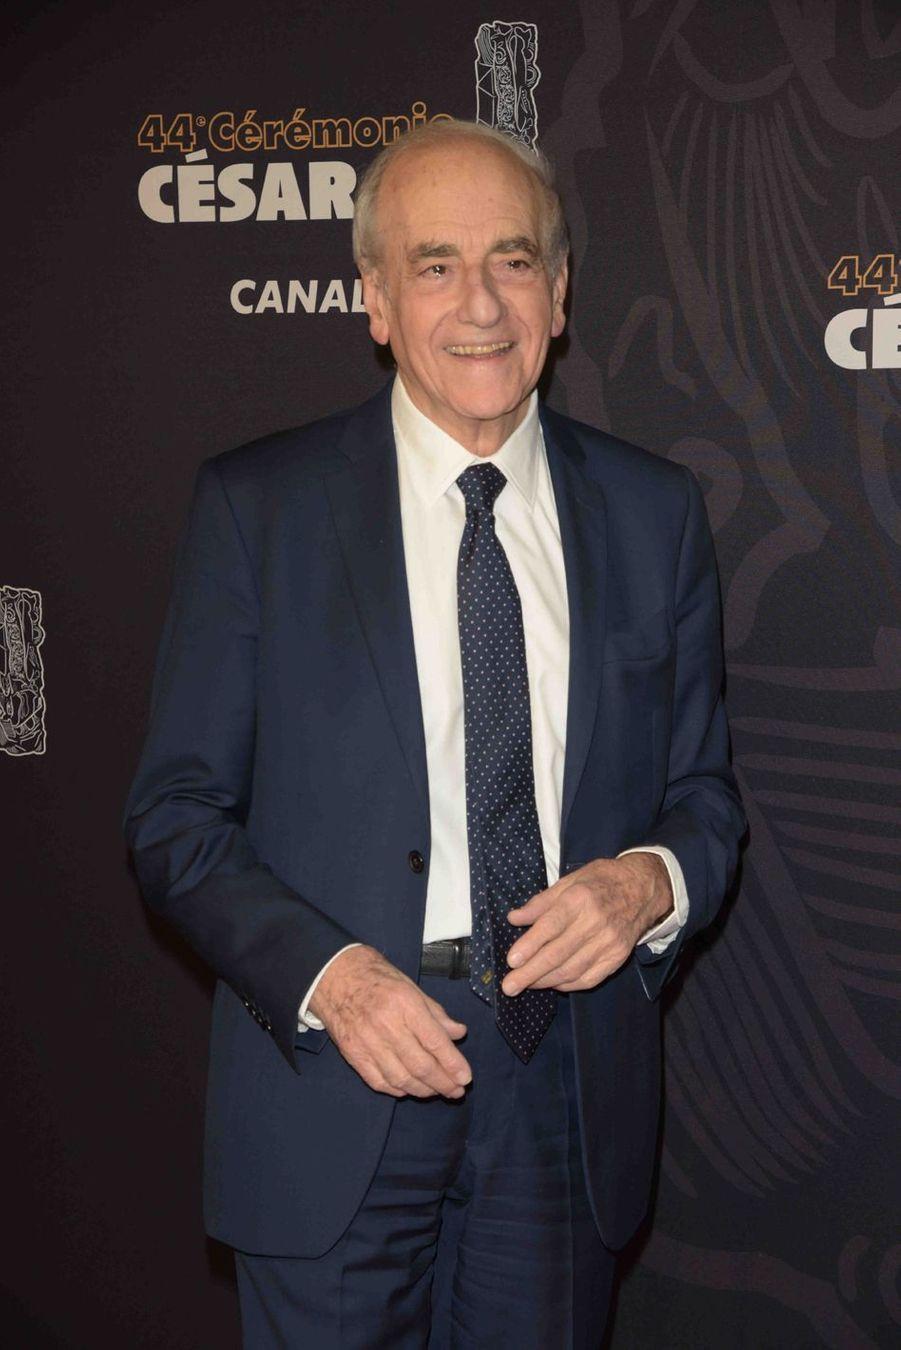 Jean-Pierre Elkabbachà la 44e cérémonie des César à la Salle Pleyel à Paris le 22 février 2019